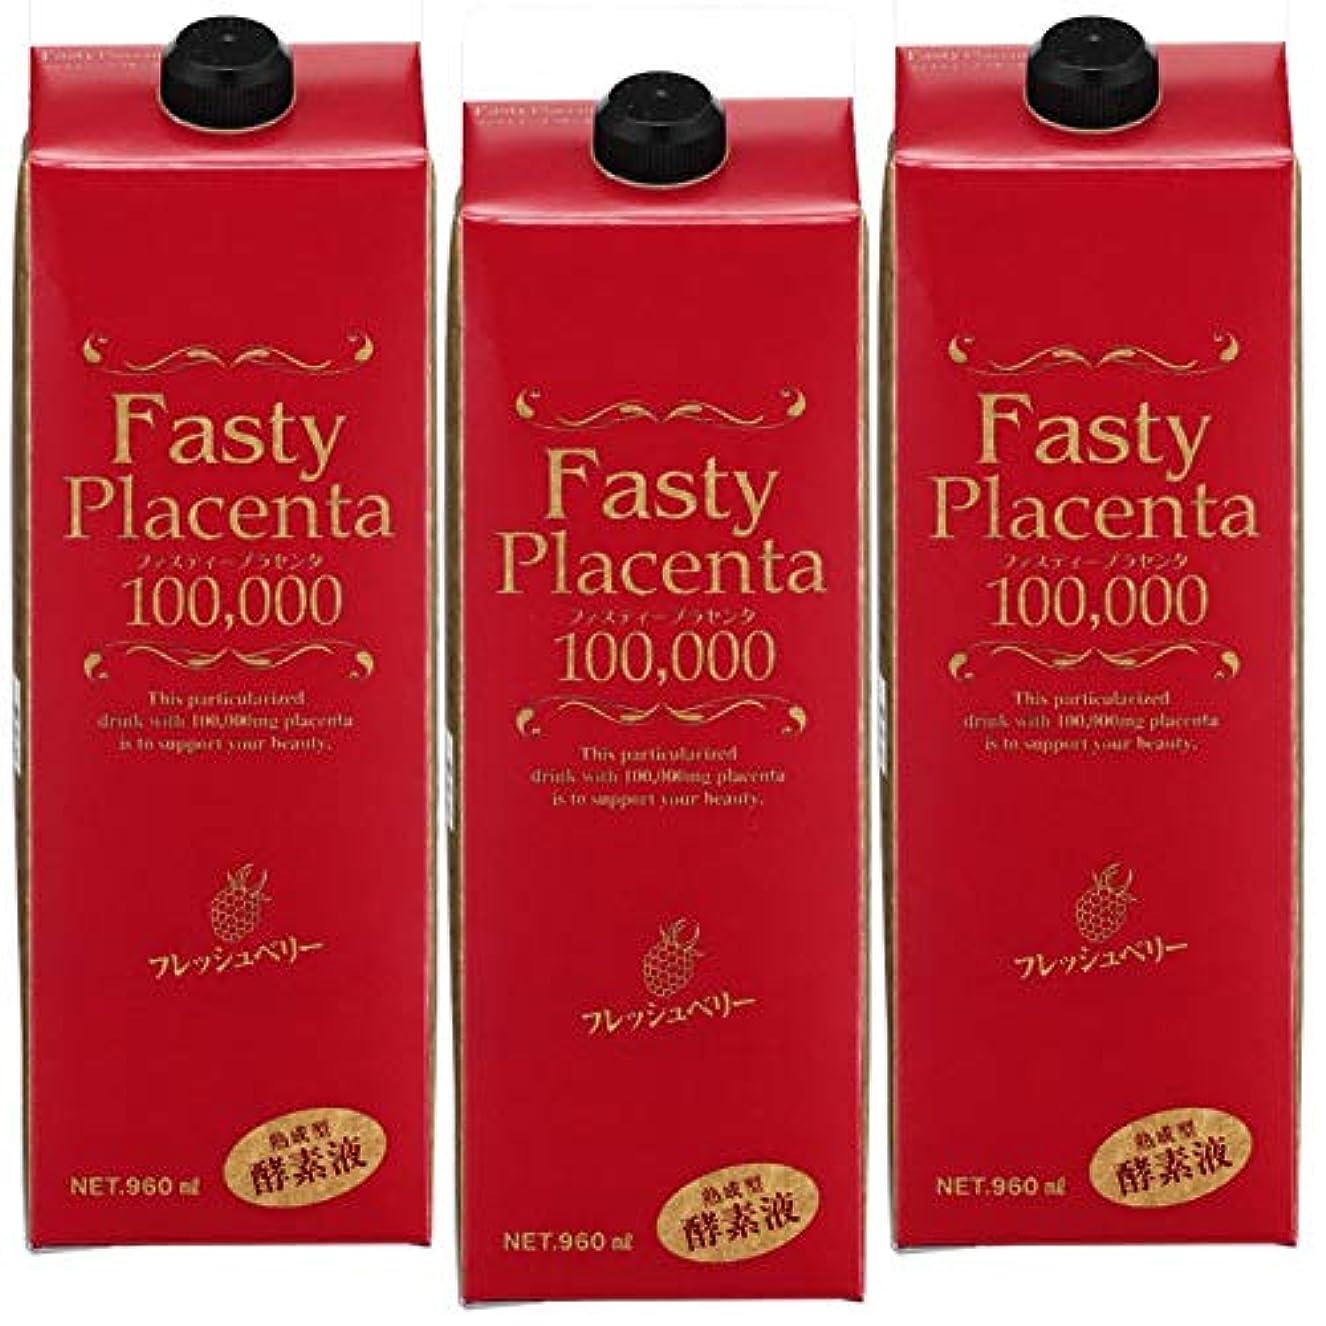 眩惑するメッセージセンサーファスティープラセンタ100,000 増量パック(フレッシュベリー味)3個